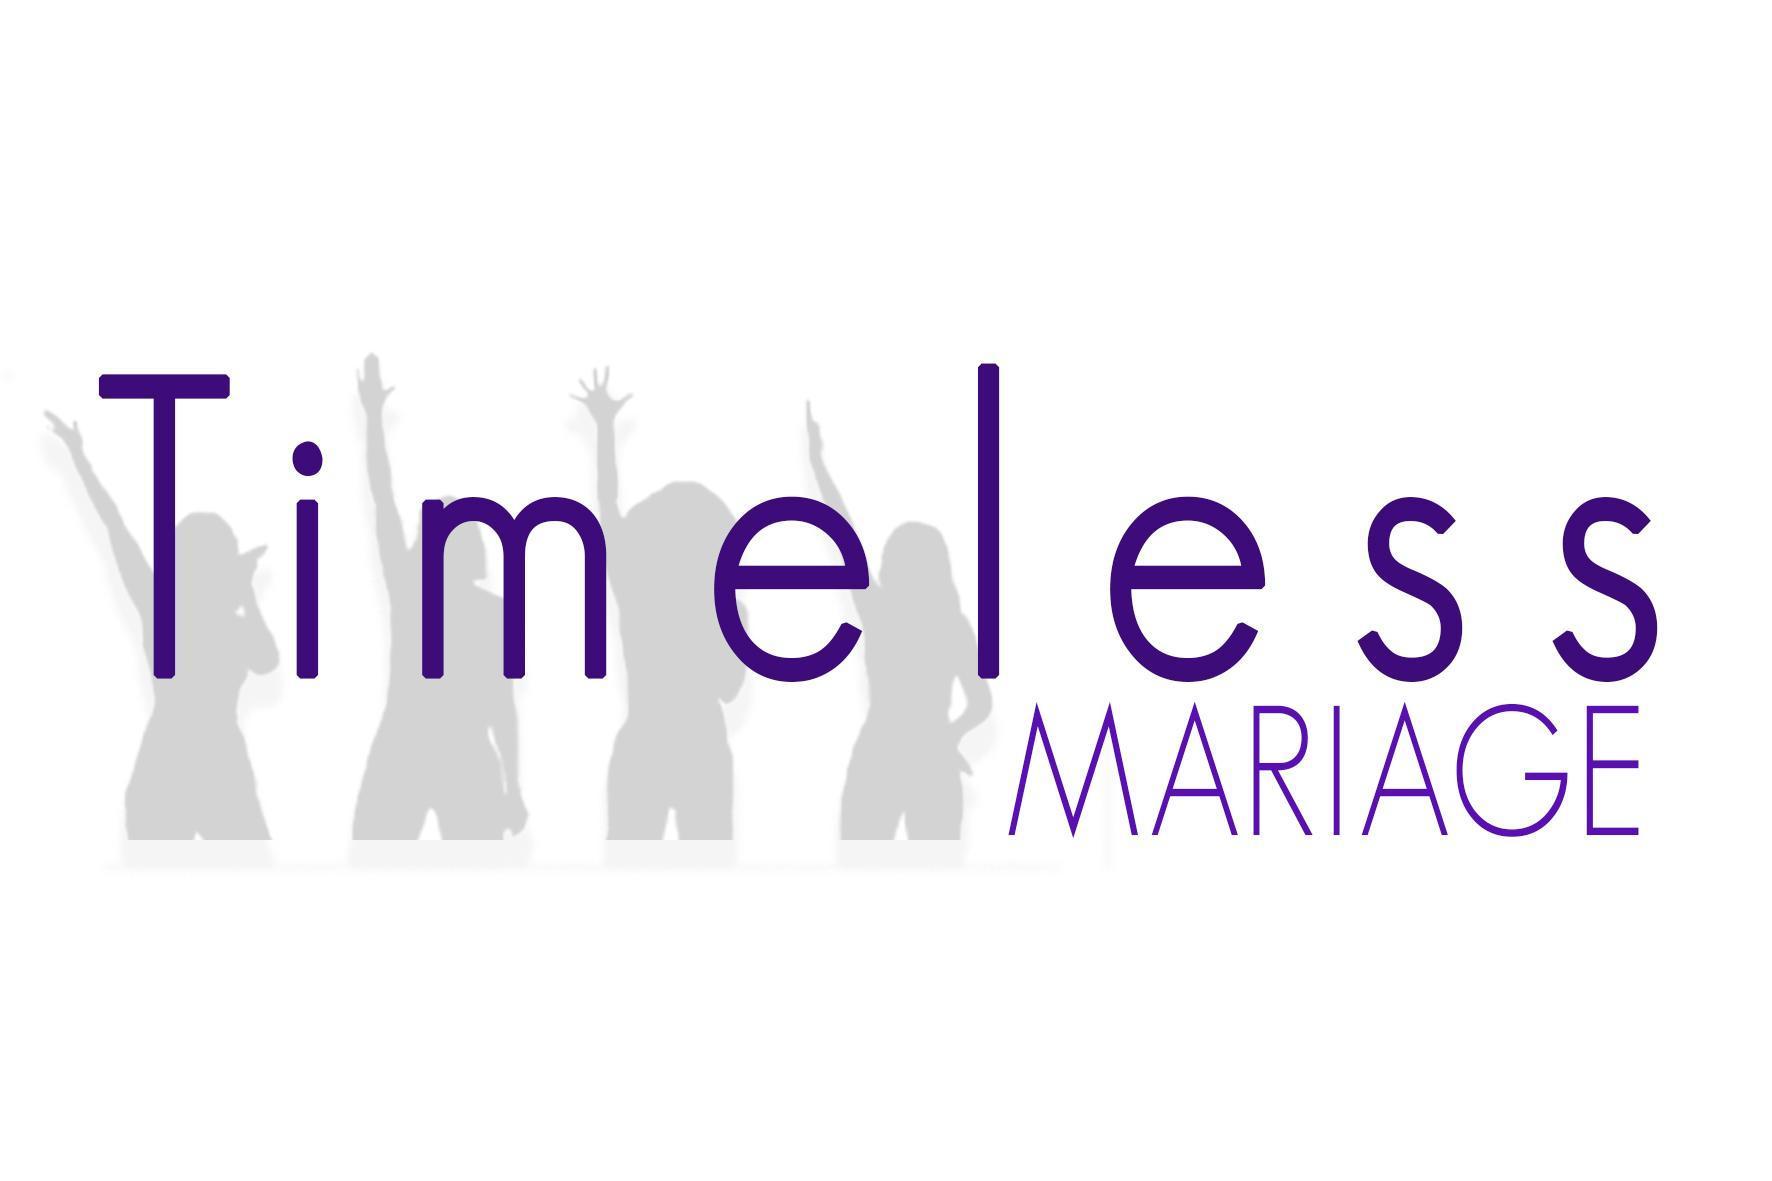 Logo timeless mariage 2